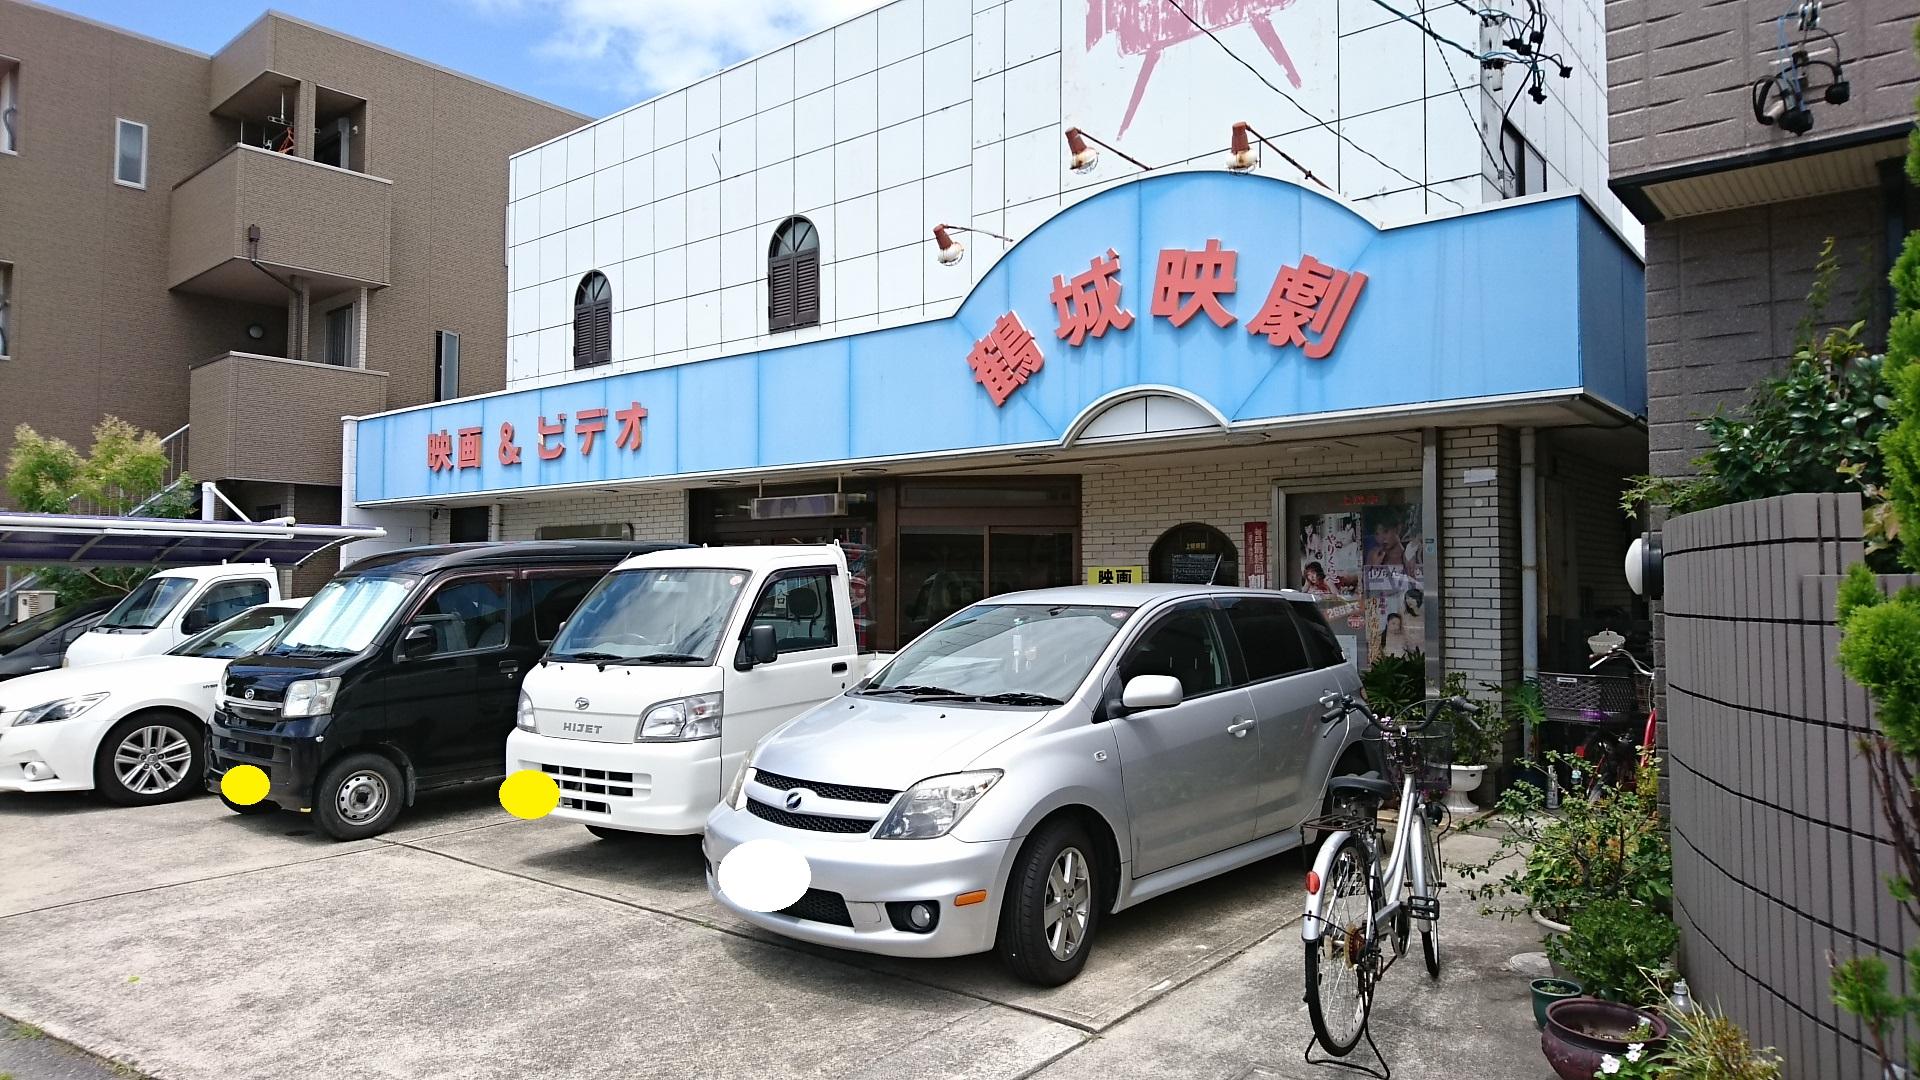 2017.7.21 西尾 (16) 鶴城映劇 1920-1080